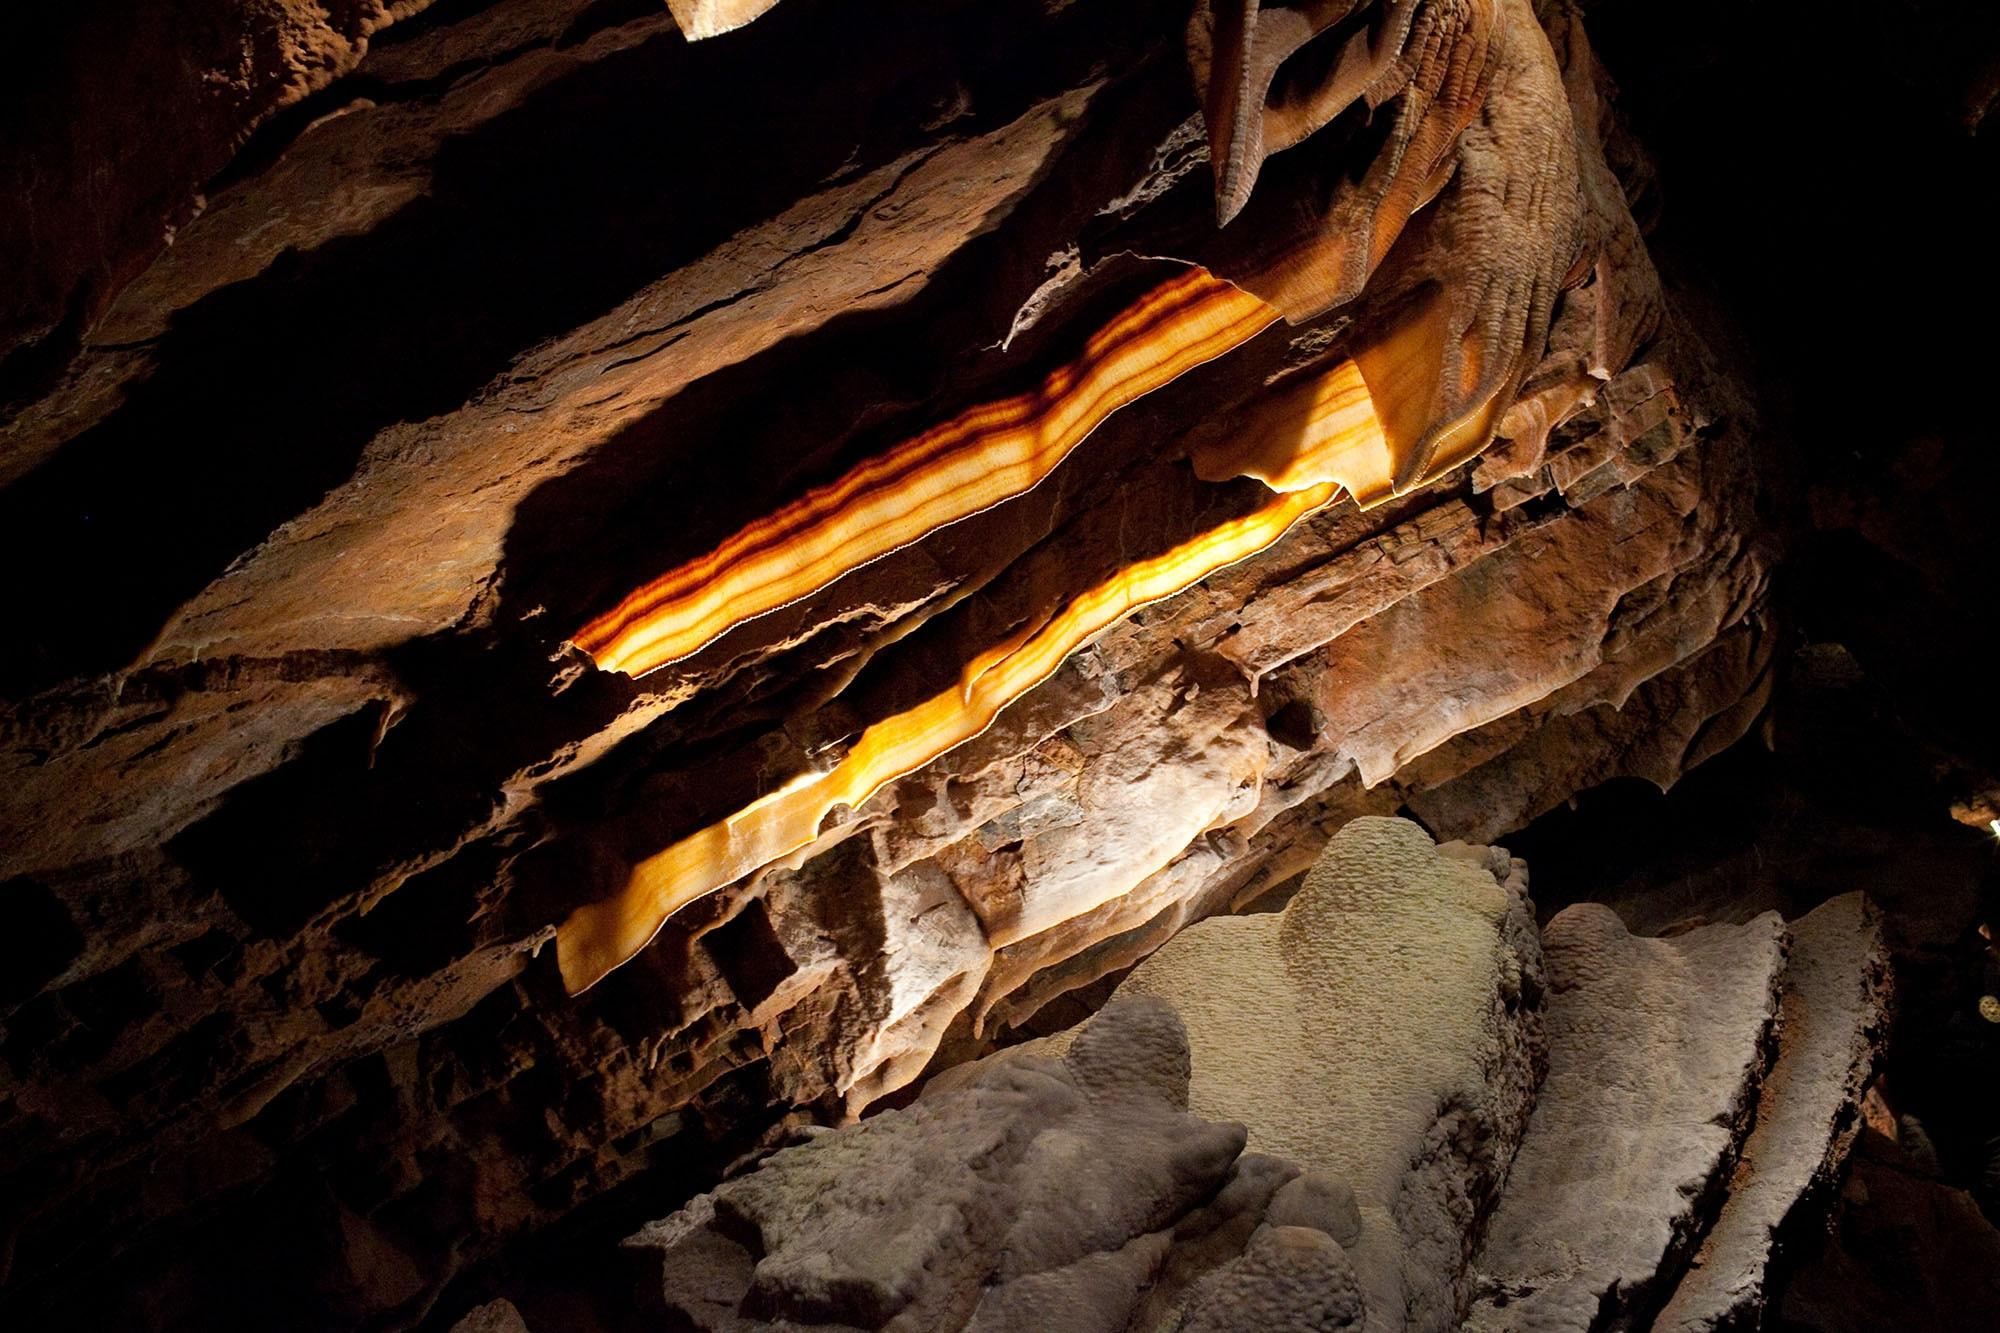 Virginia/North Carolina Road Trip - Shenandoah Caverns - Bacon formations